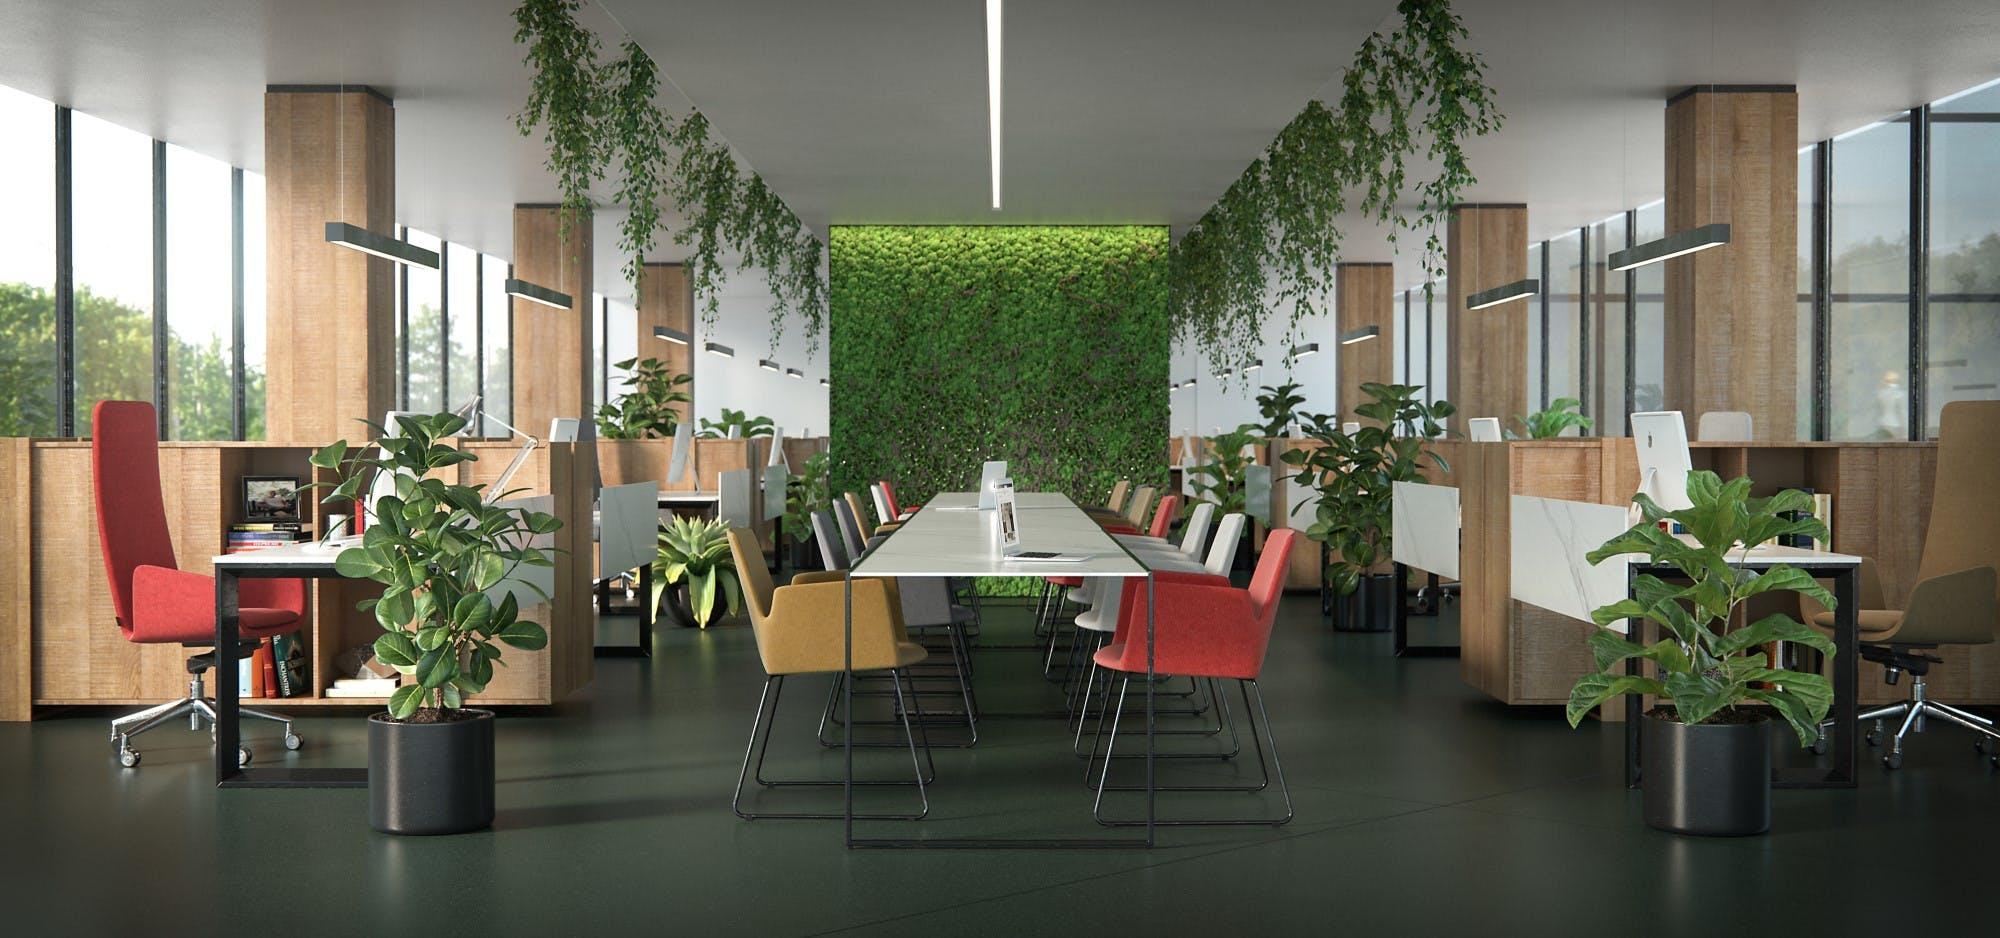 Image of Dekton Office Feroe baja in Dekton® lanza un azul y verde oscuros que otorgan elegancia a cualquier espacio - Cosentino